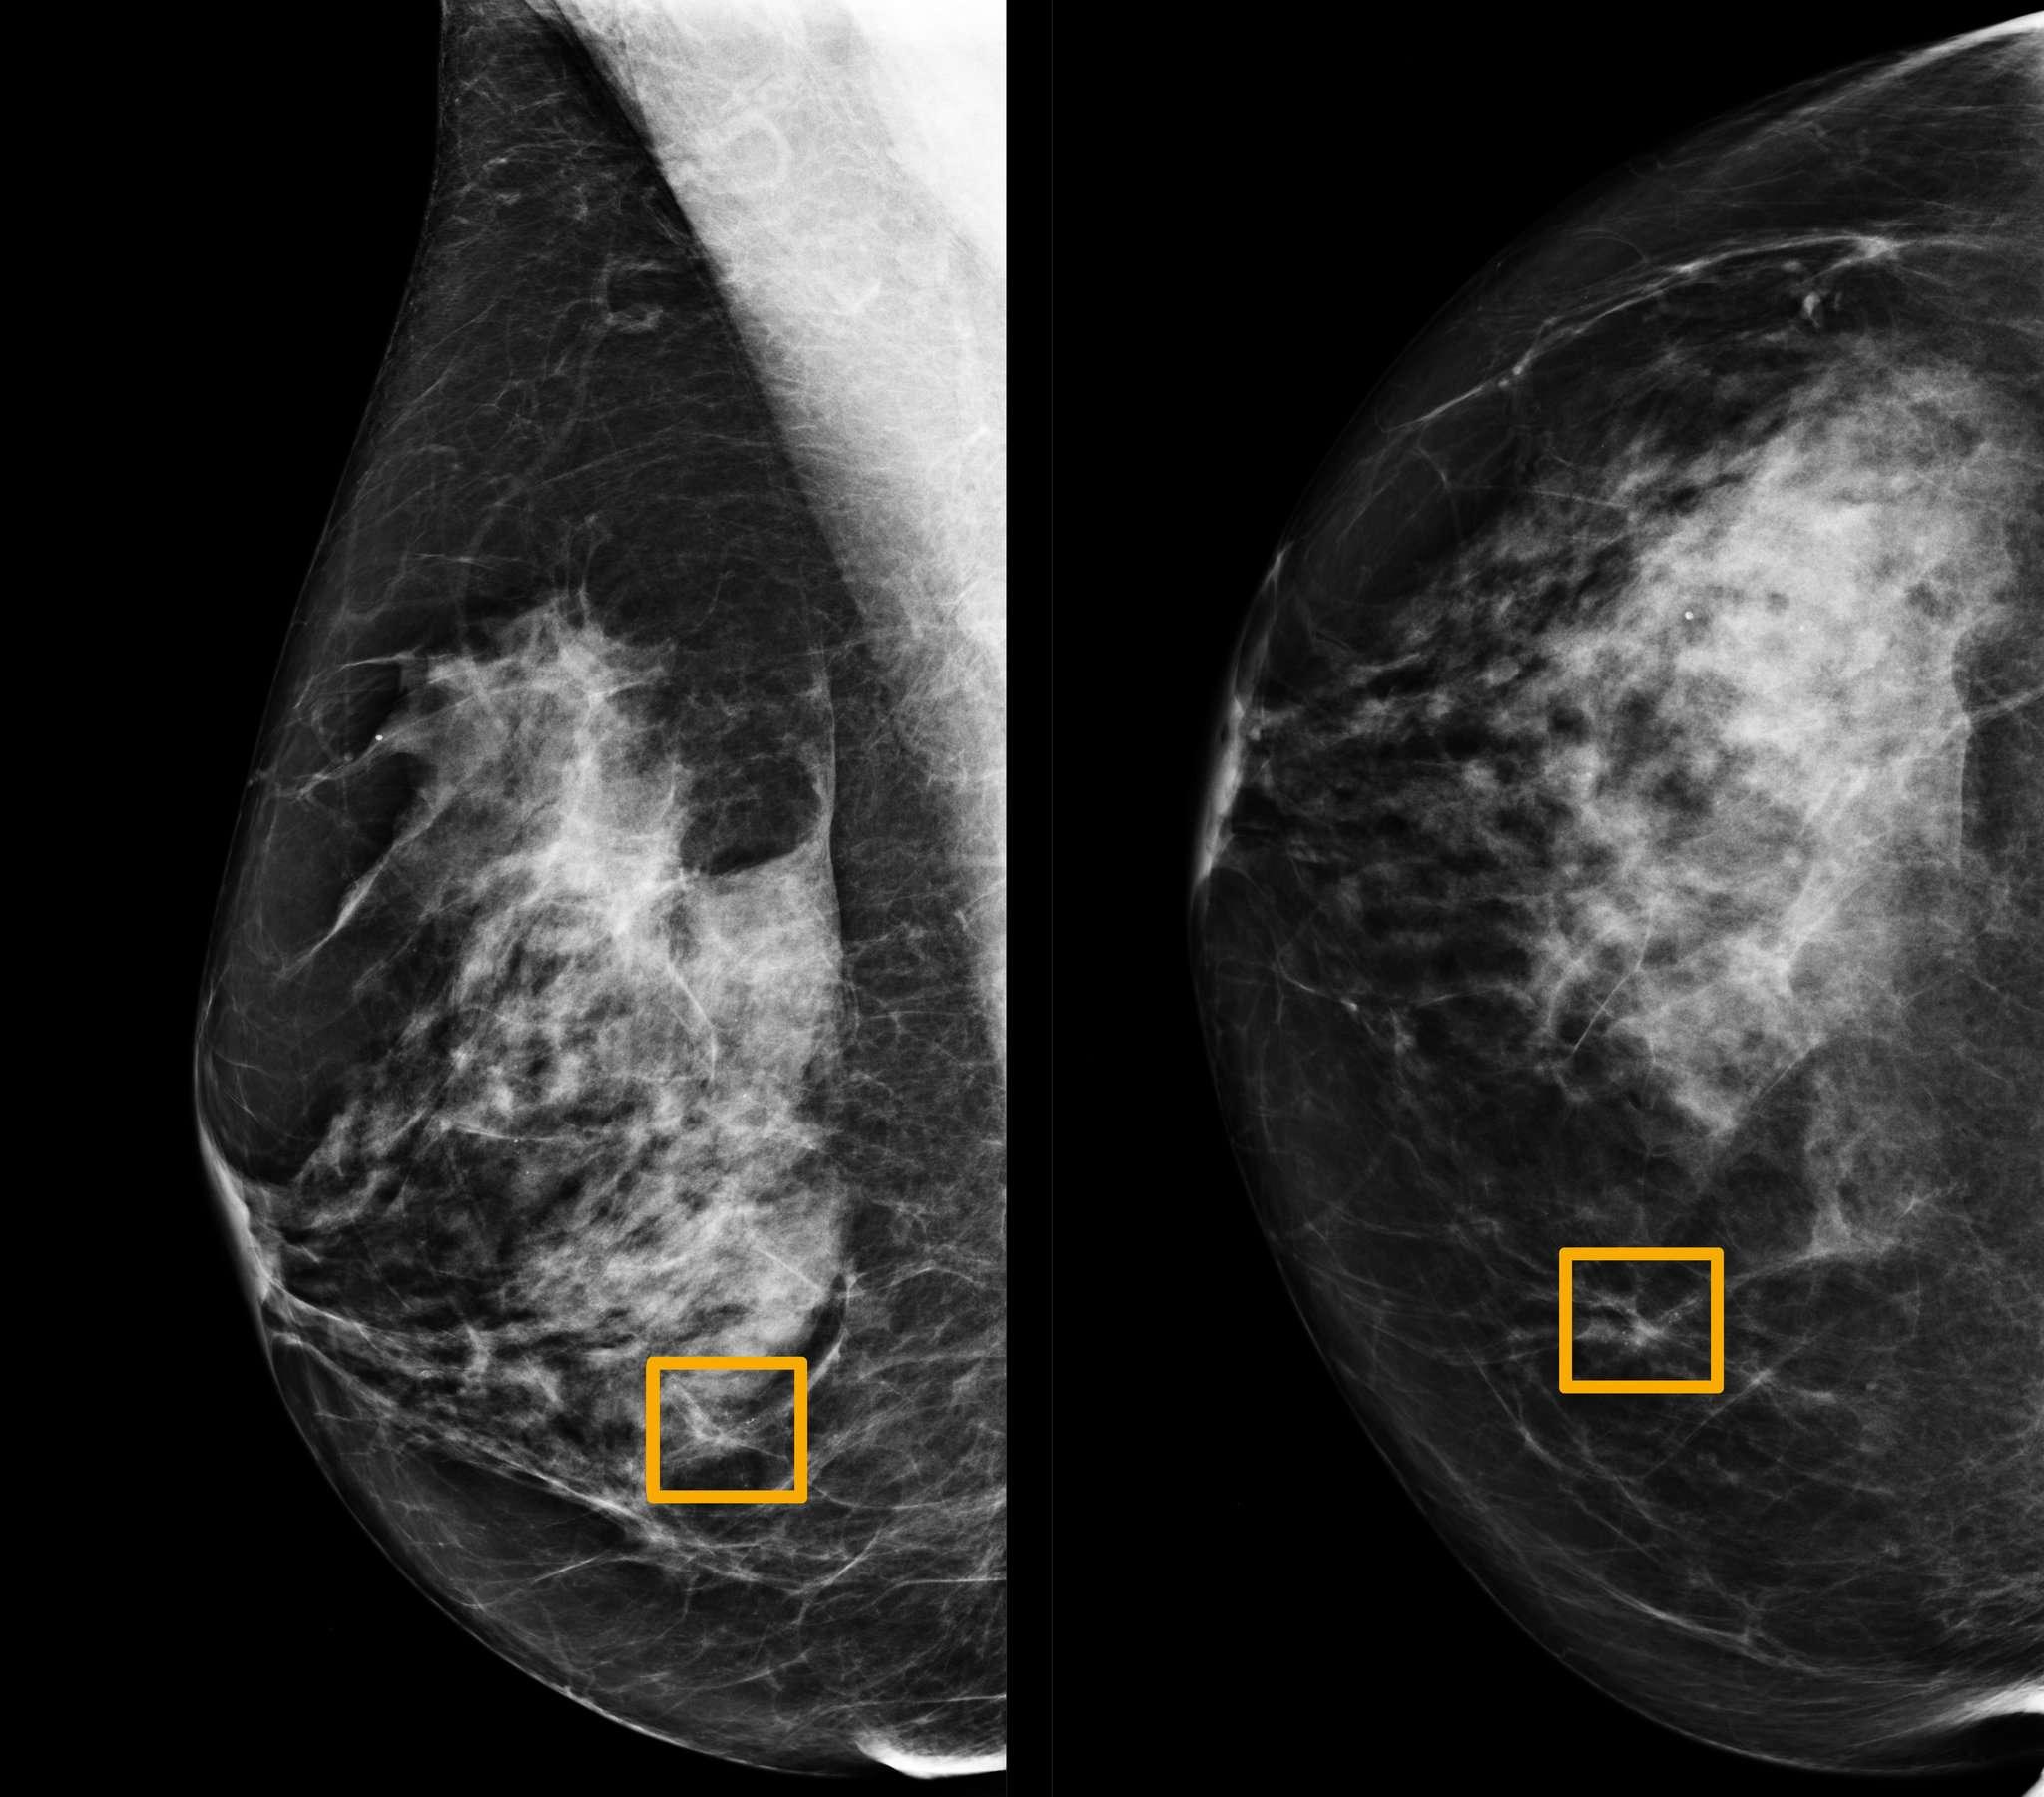 El cuadro amarillo indica dónde la inteligencia artificial encontró cáncer escondido dentro del tejido mamario. Seis radiólogos anteriores no pudieron encontrar el cáncer en mamografías de rutina. Crédito: Universidad Northwestern